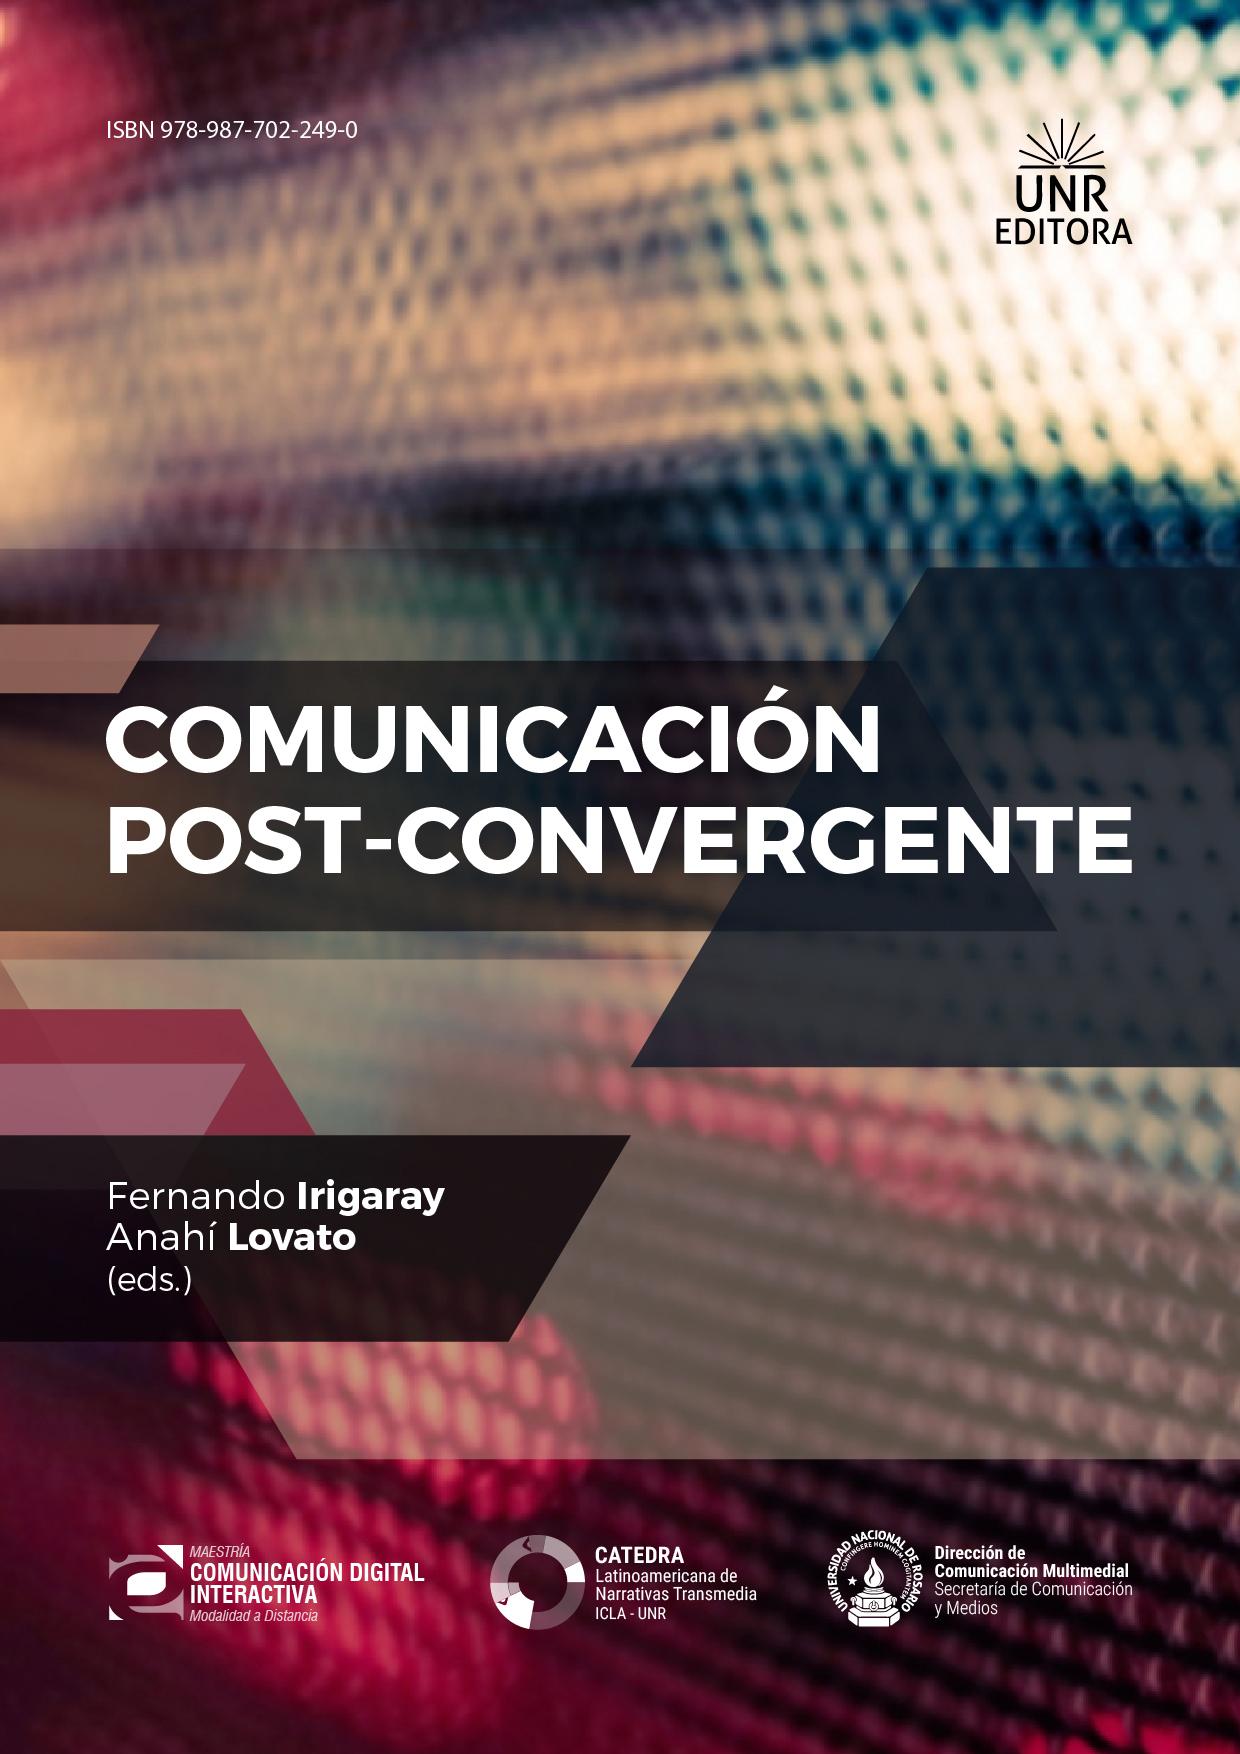 Comunicacion postconvergente 2017